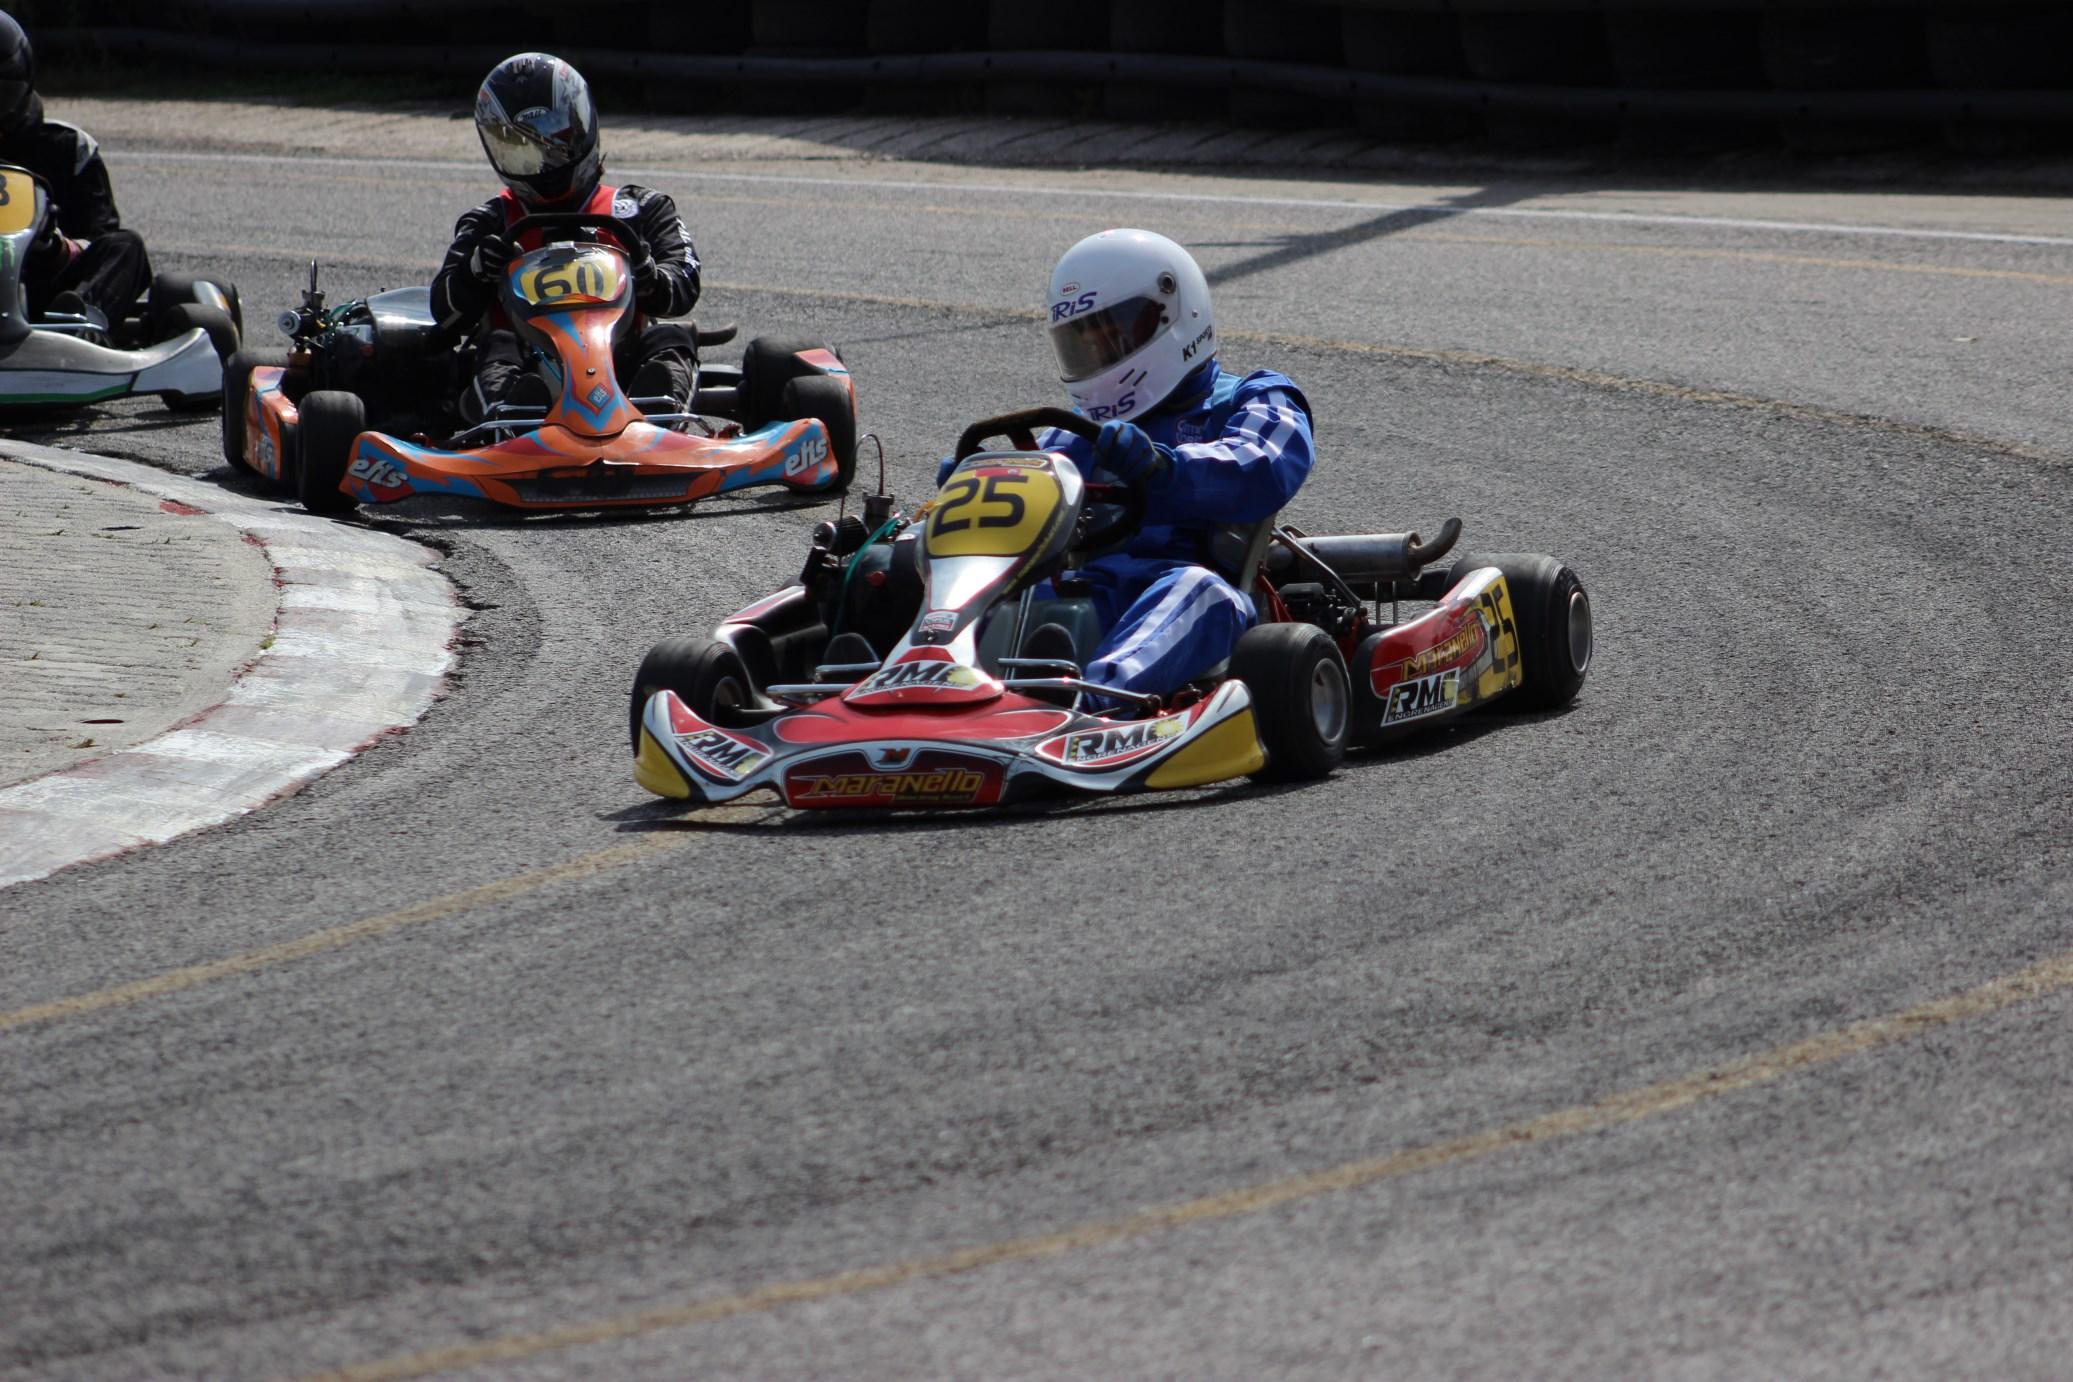 Troféu Honda 2014 - 3ª Prova113